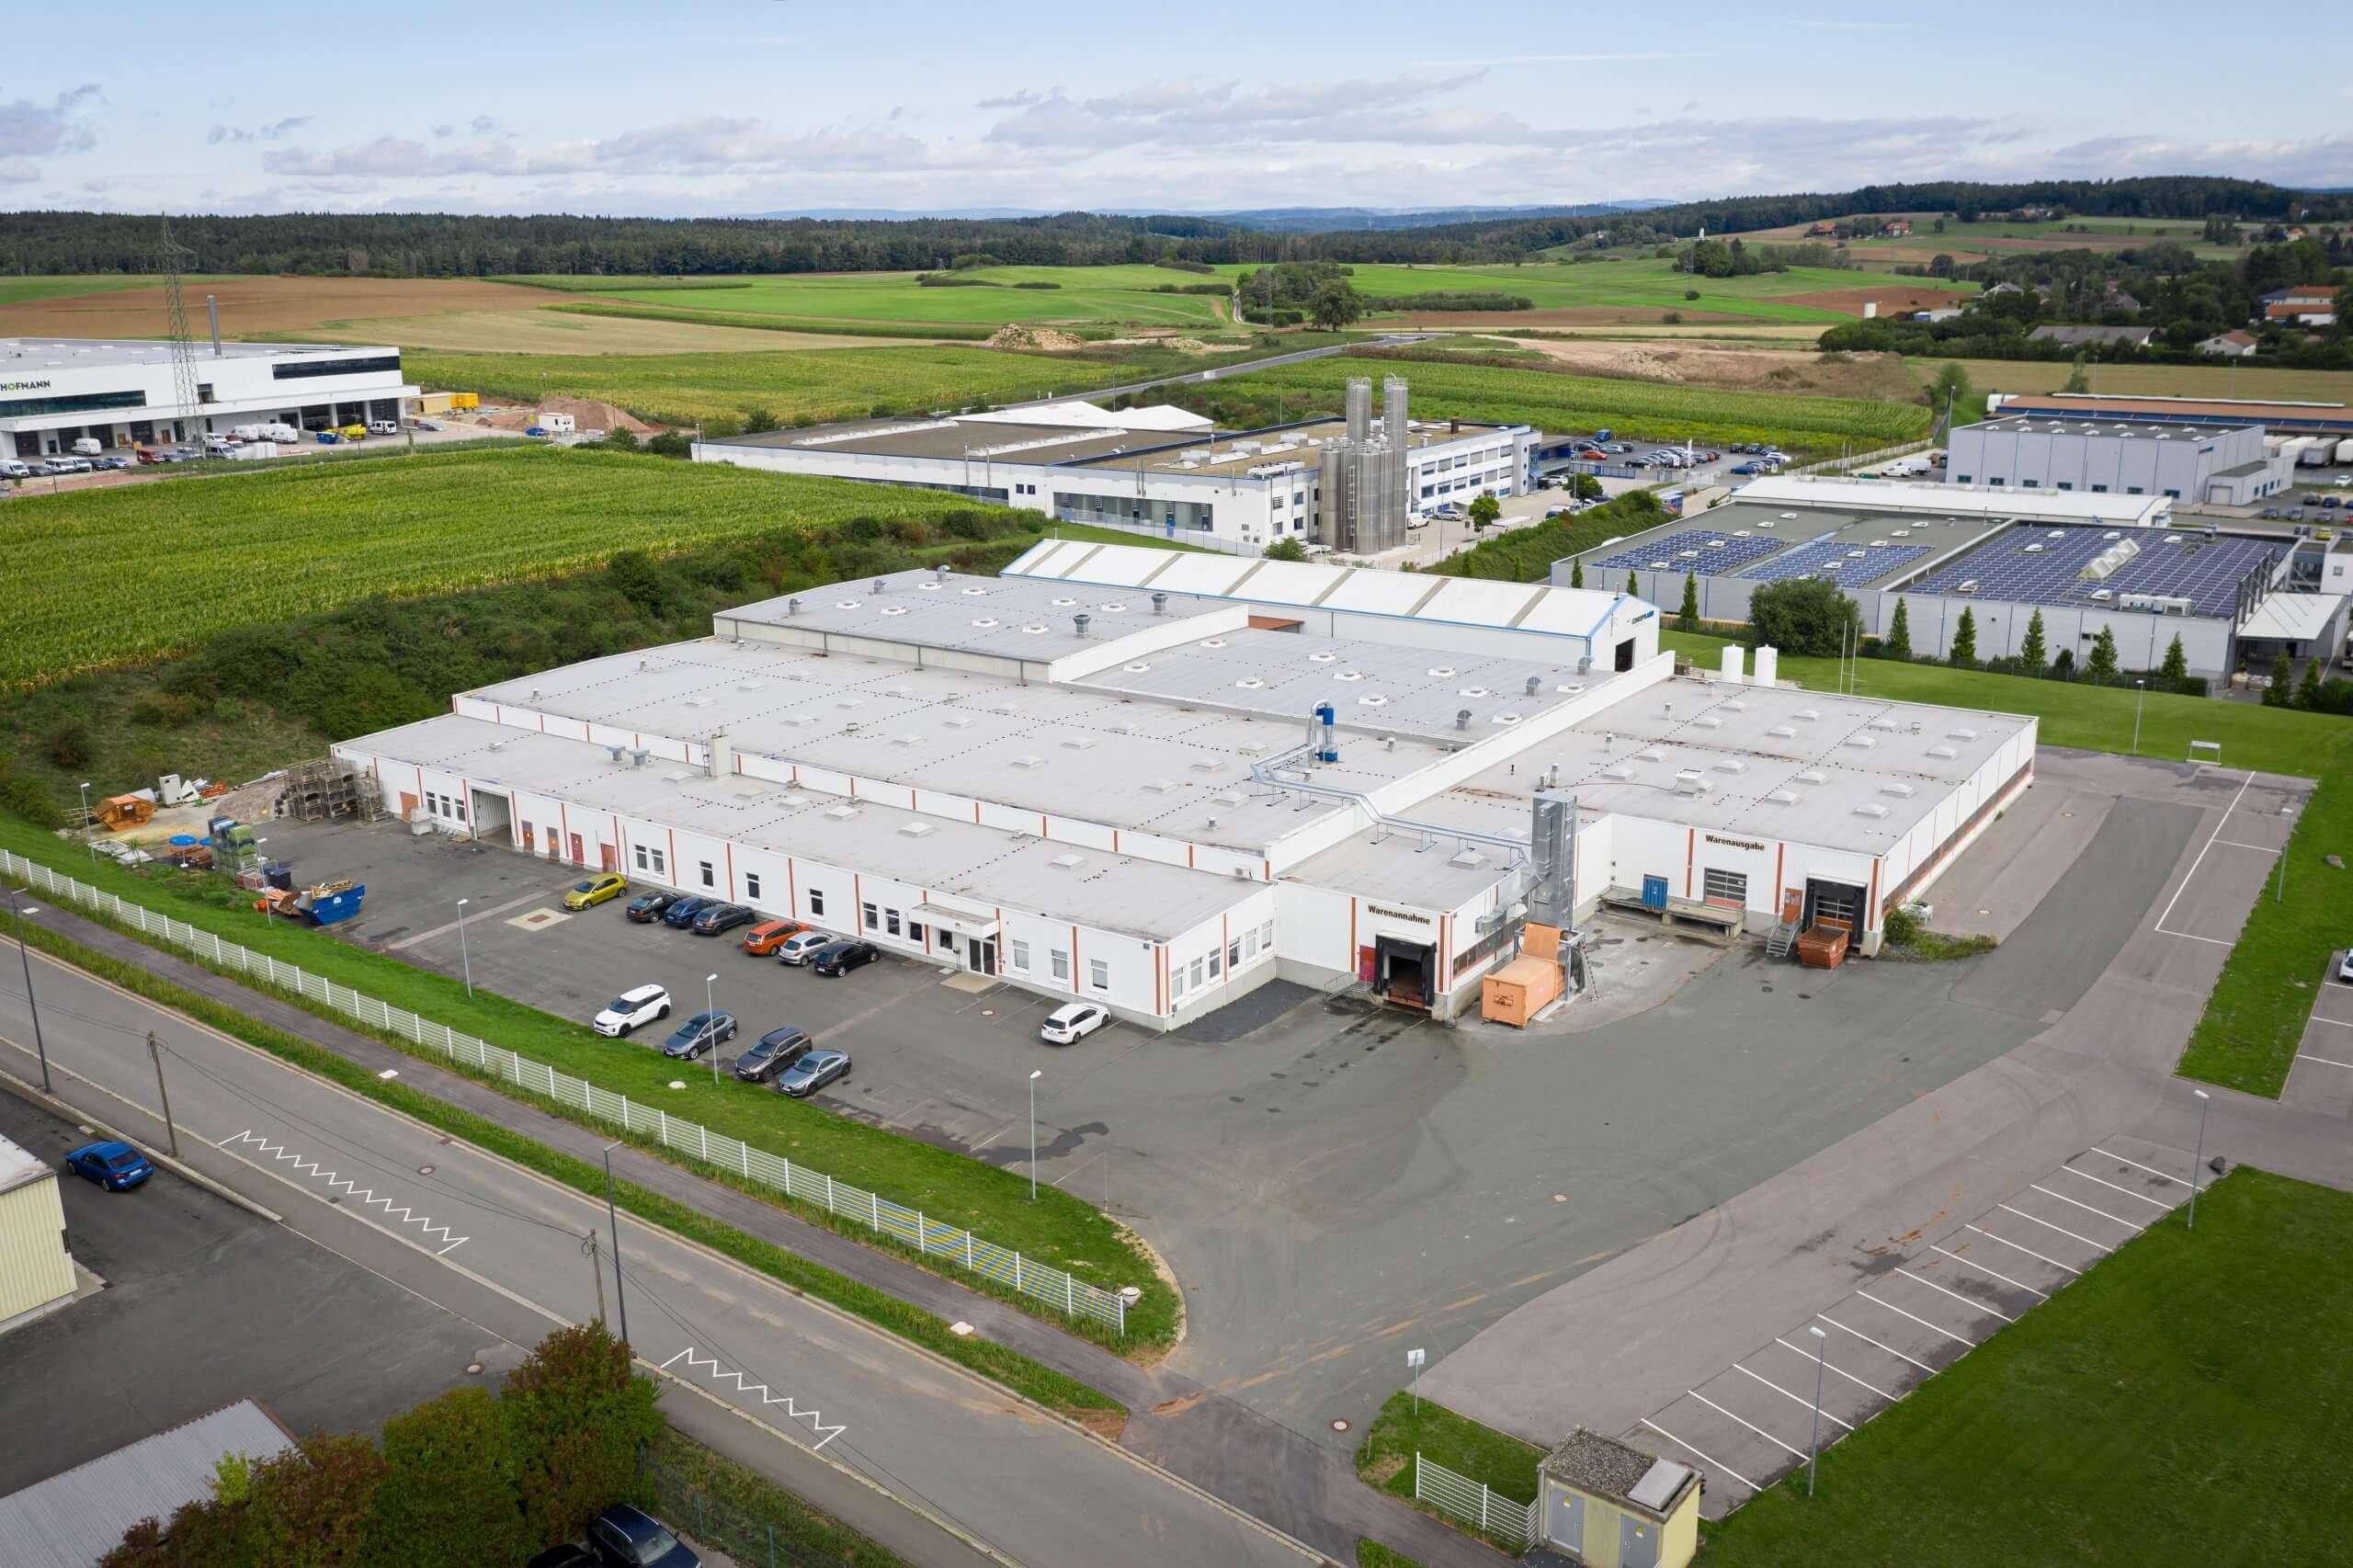 Luftaufnahme der easy2cool GmbH in Lichtenfels, Bayern